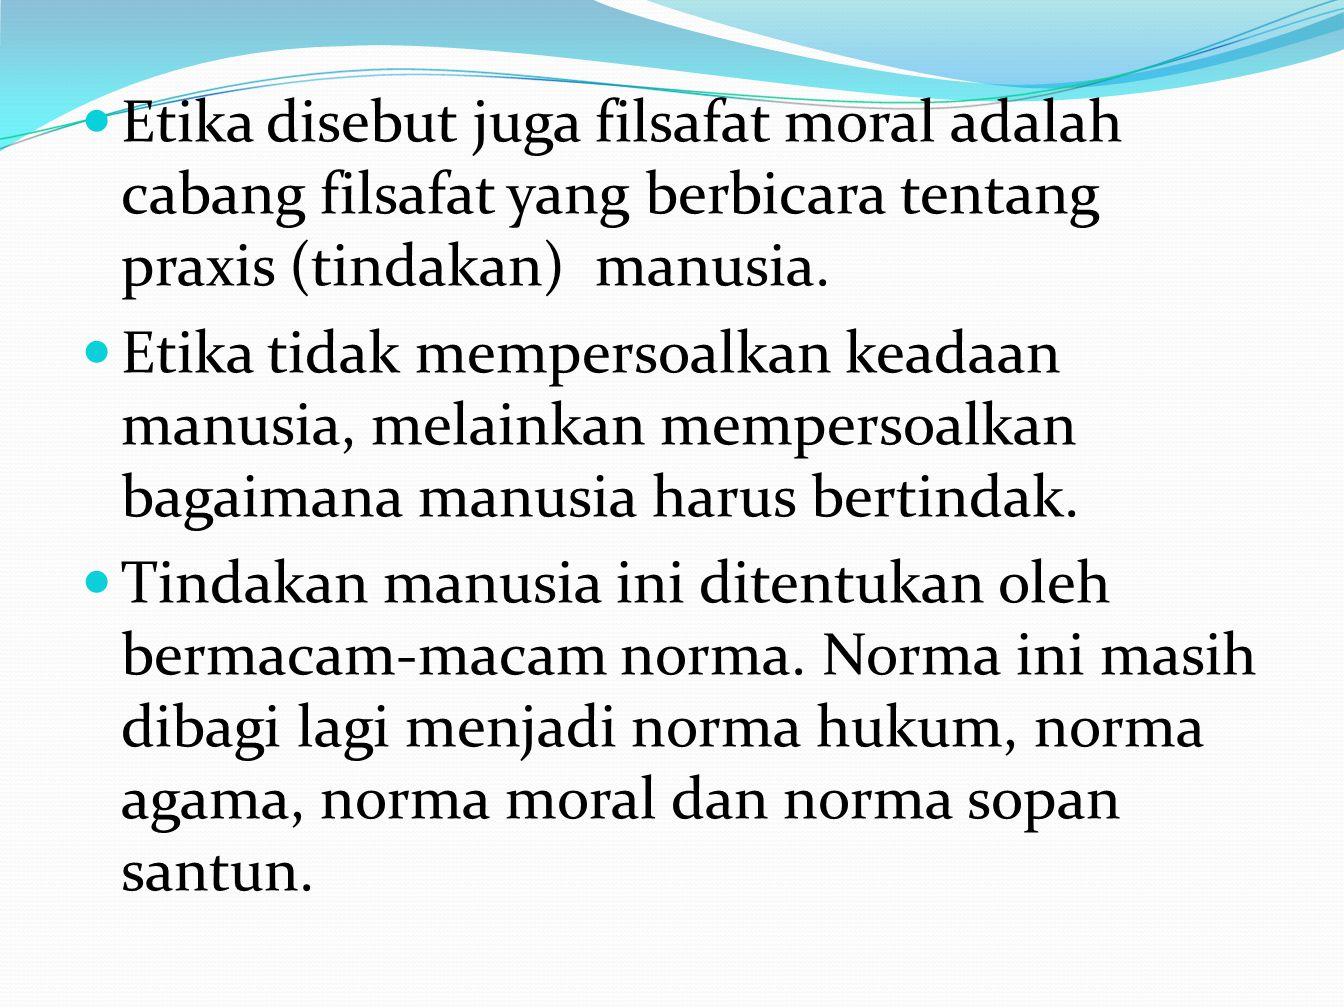 Etika disebut juga filsafat moral adalah cabang filsafat yang berbicara tentang praxis (tindakan) manusia.